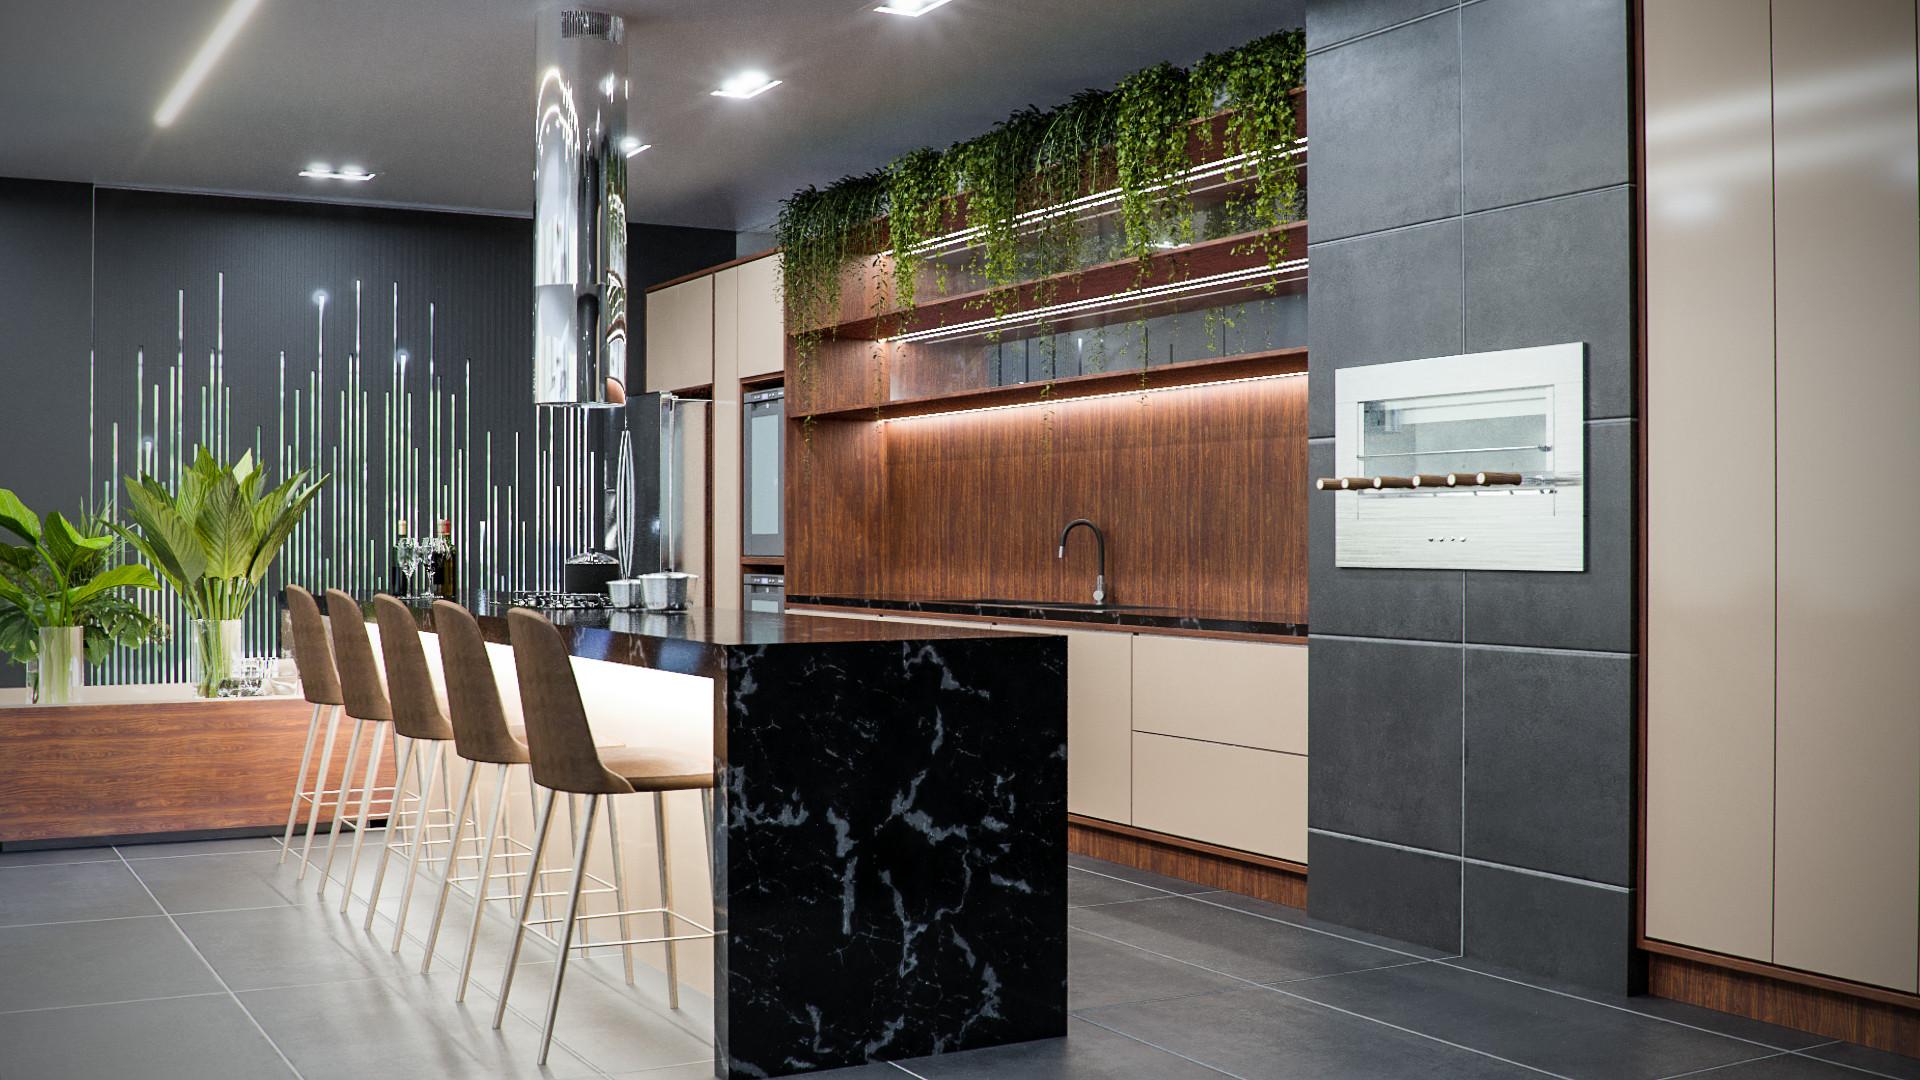 cozinha gourmet origens 2022